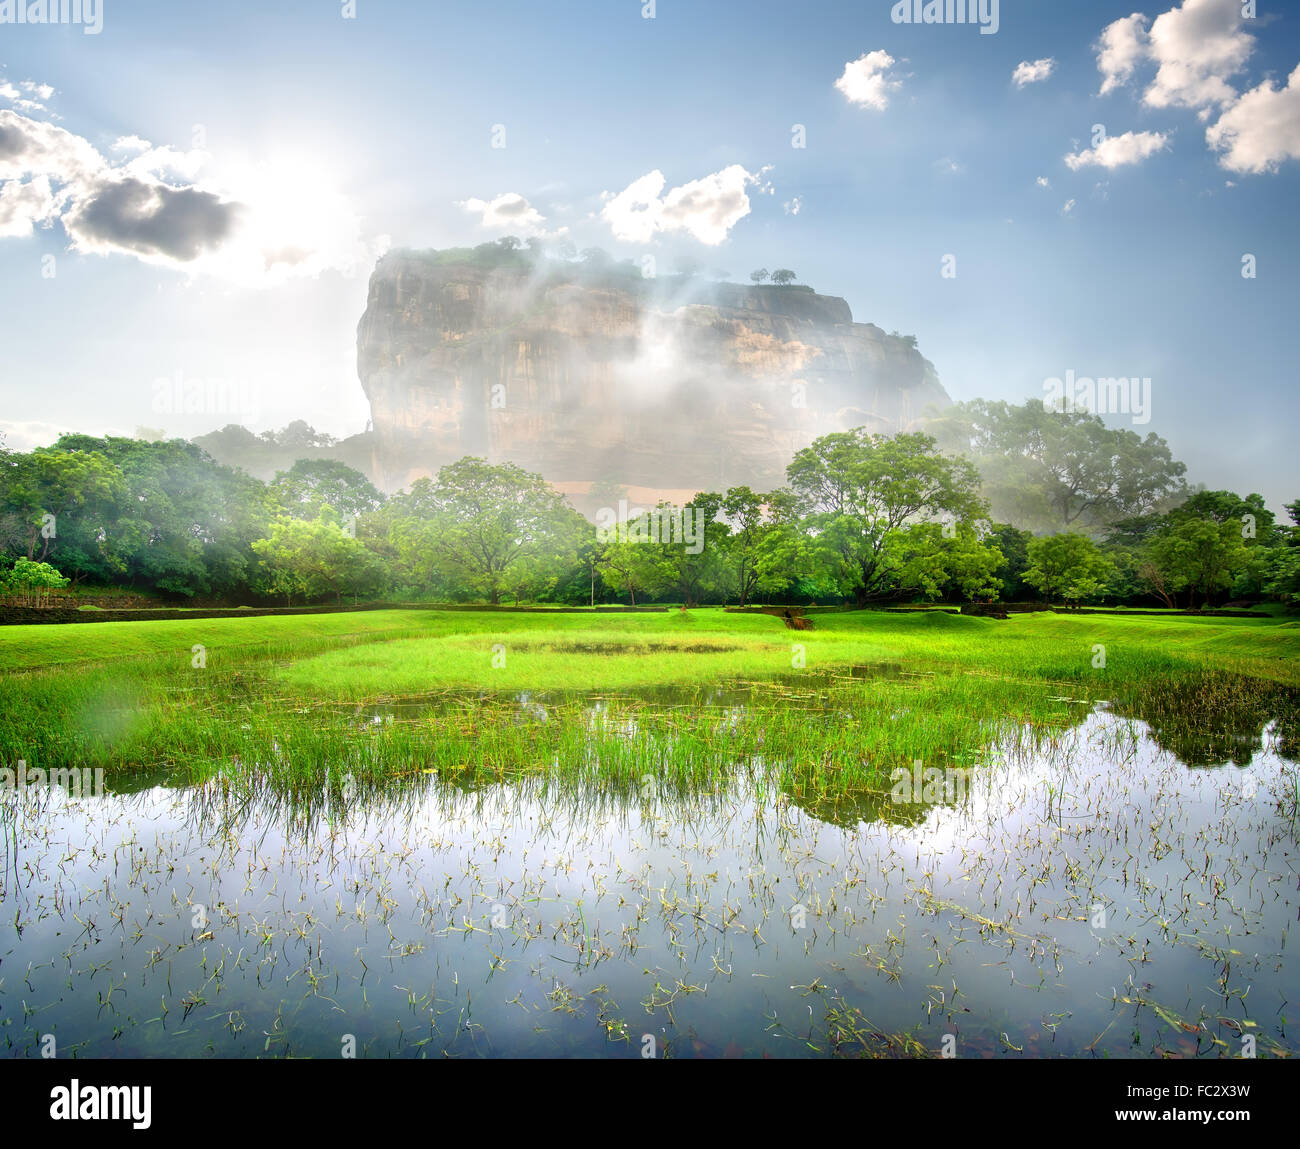 River en el jardín cerca de la montaña de Sigiriya Imagen De Stock